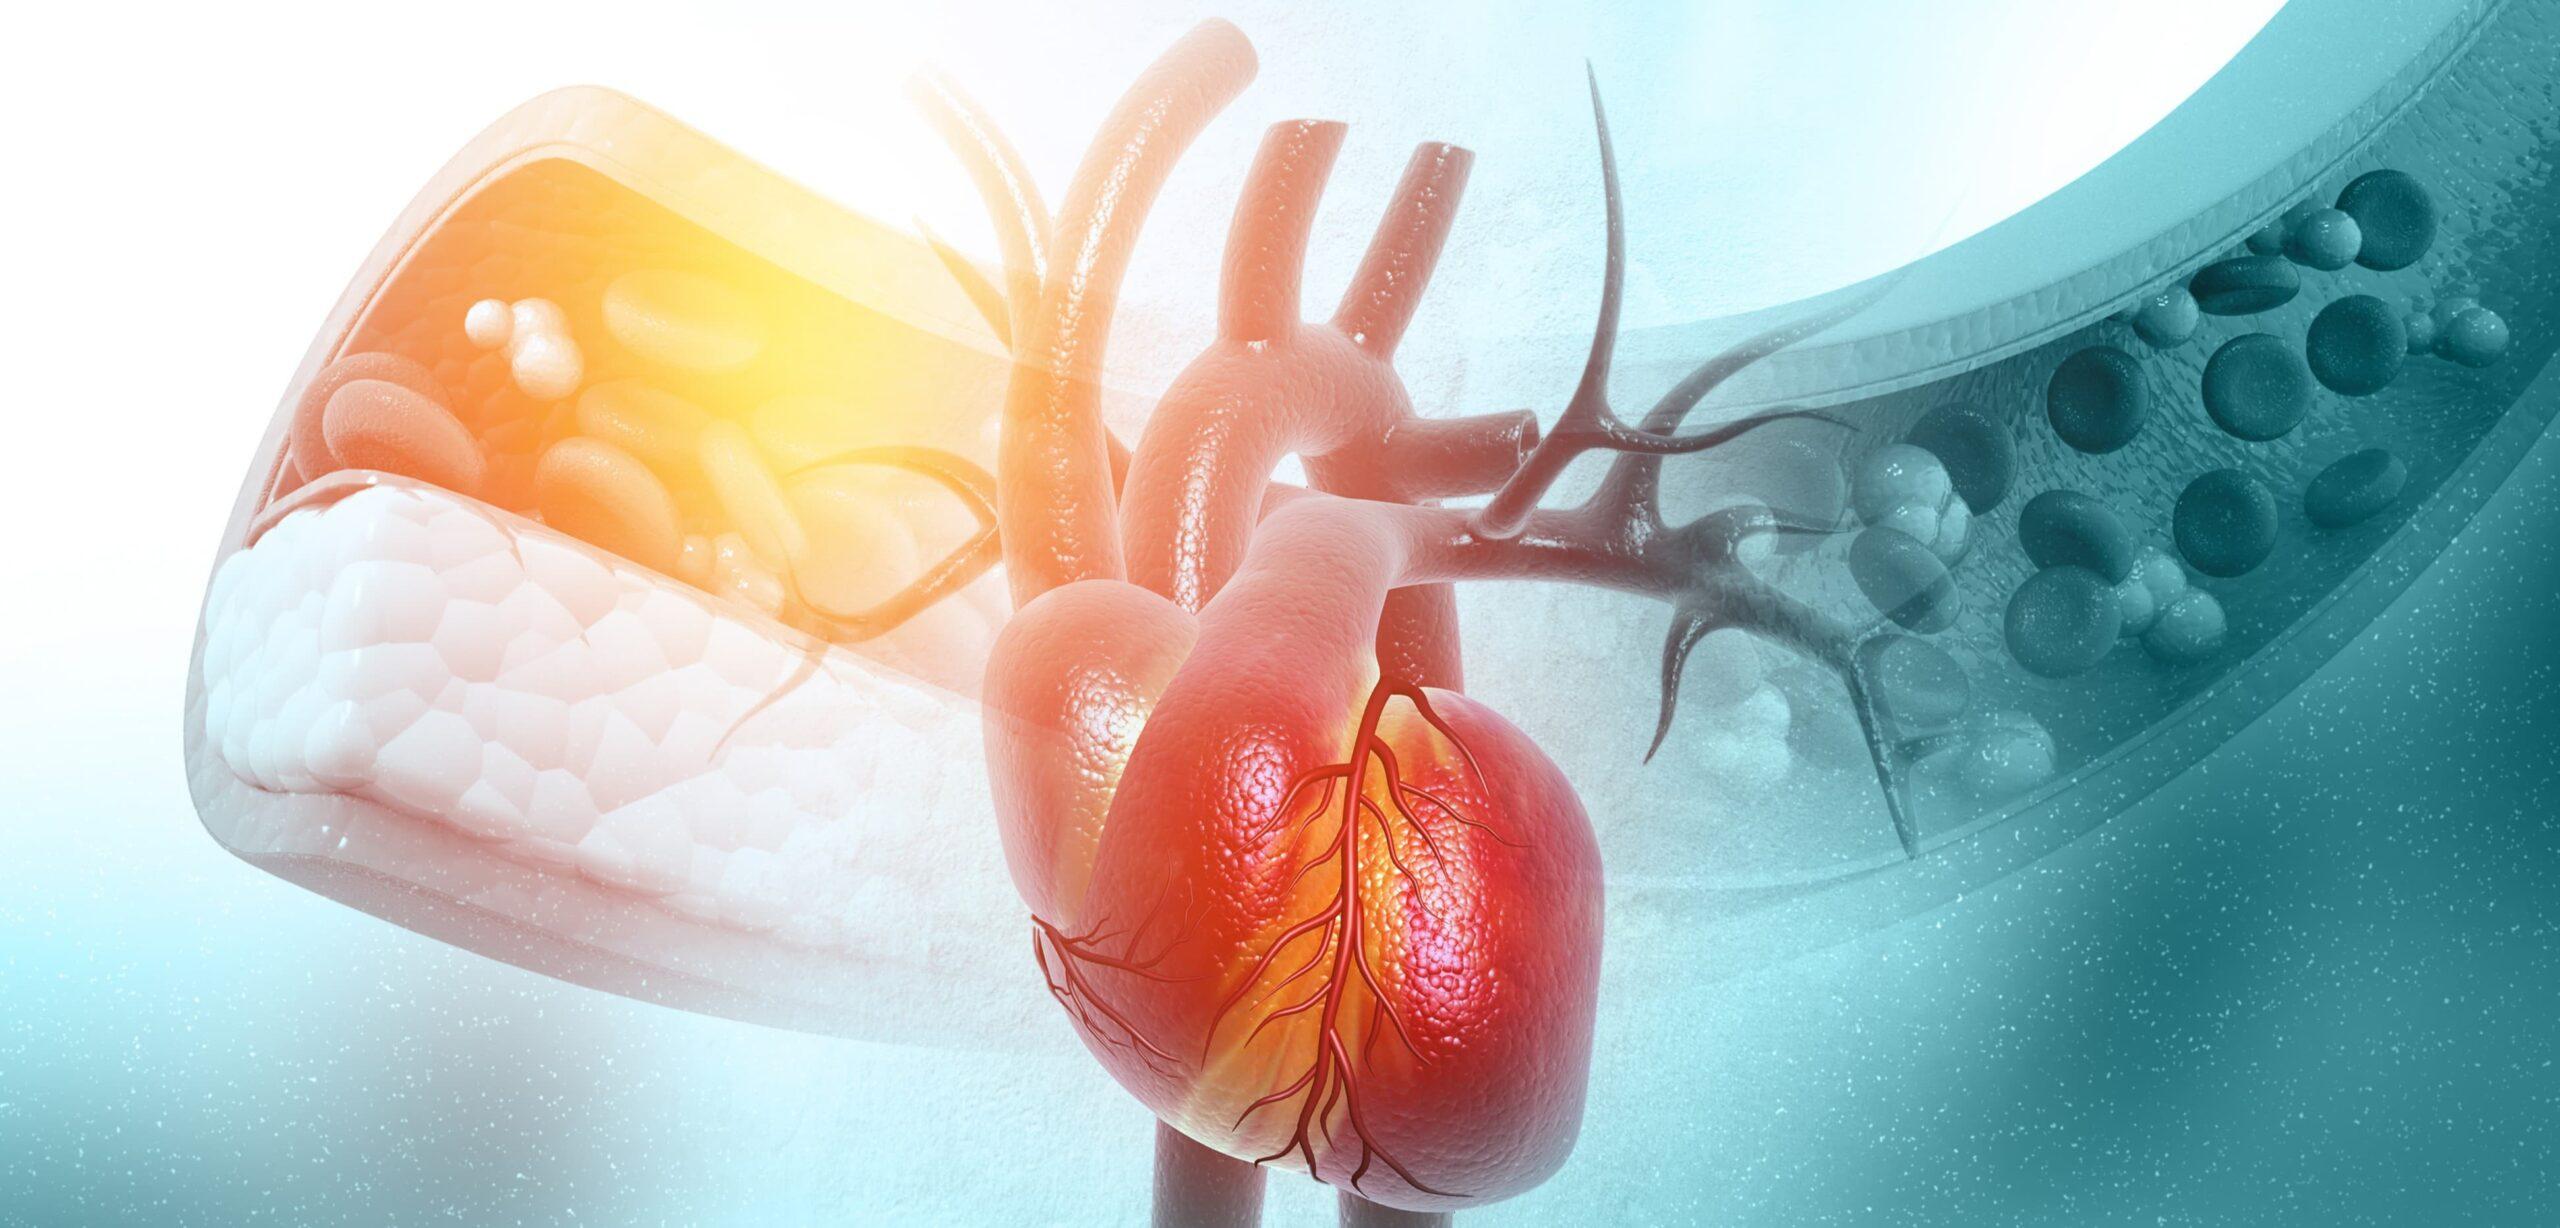 grassi trans e rischi per la salute del cuore